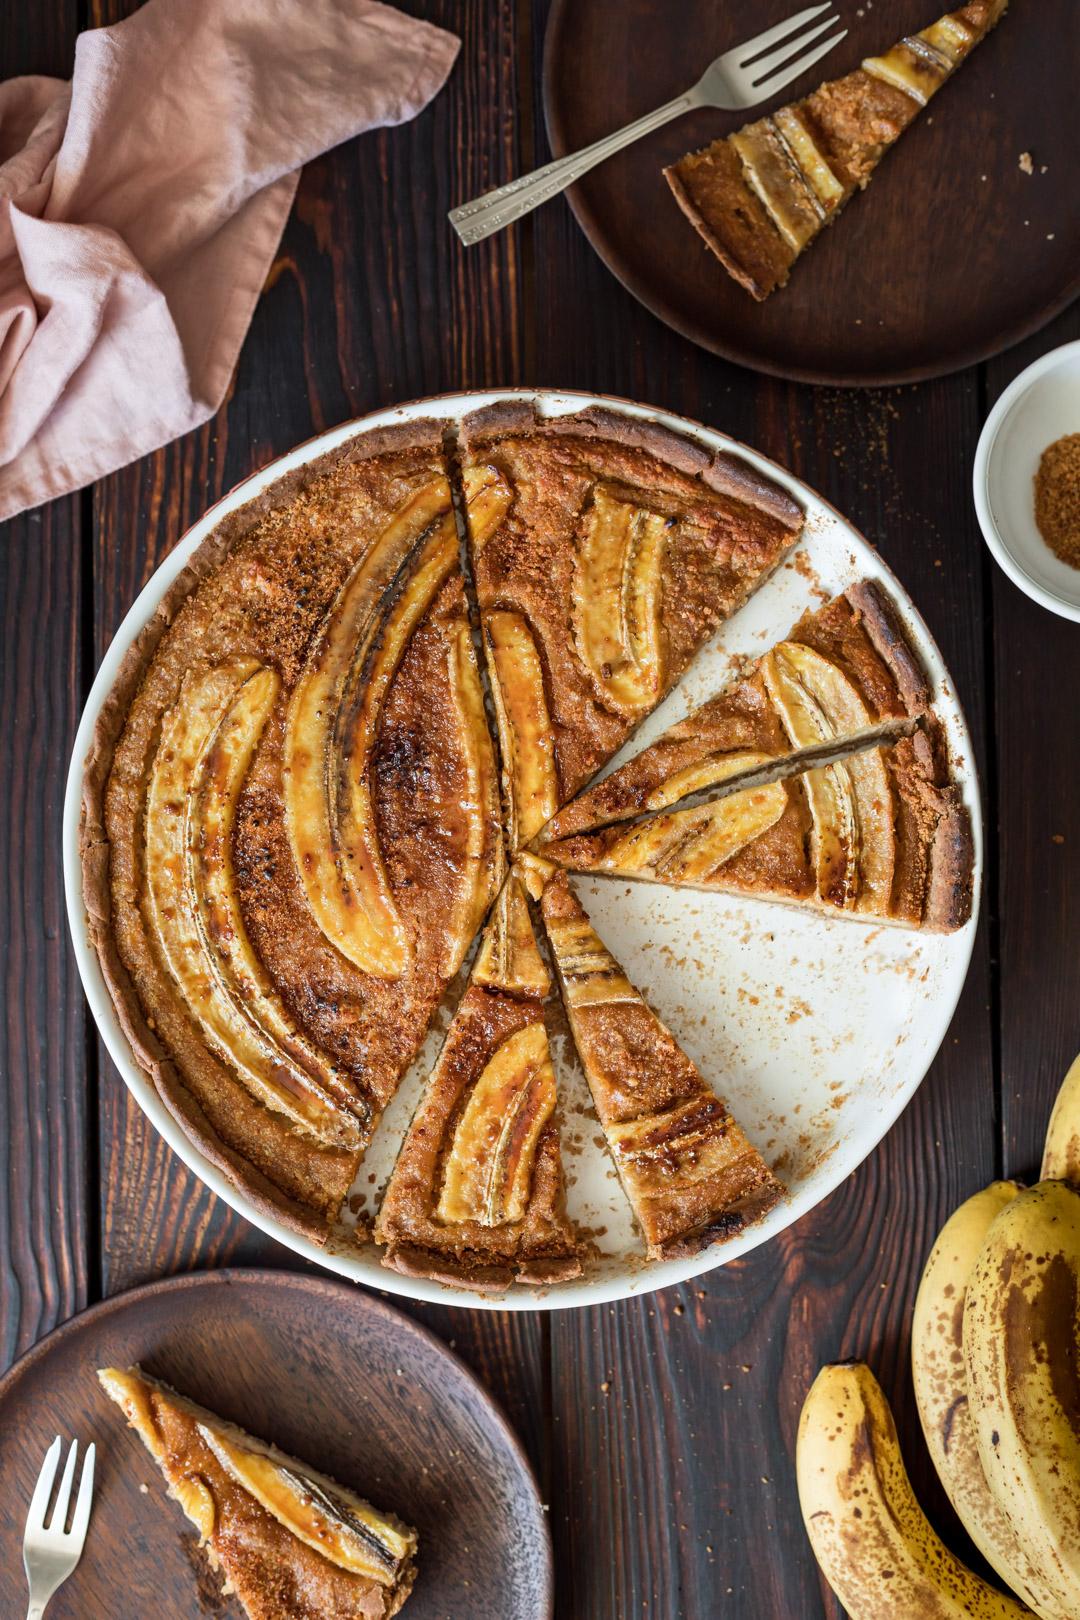 Vegan Gluten-free Frangipane Tart